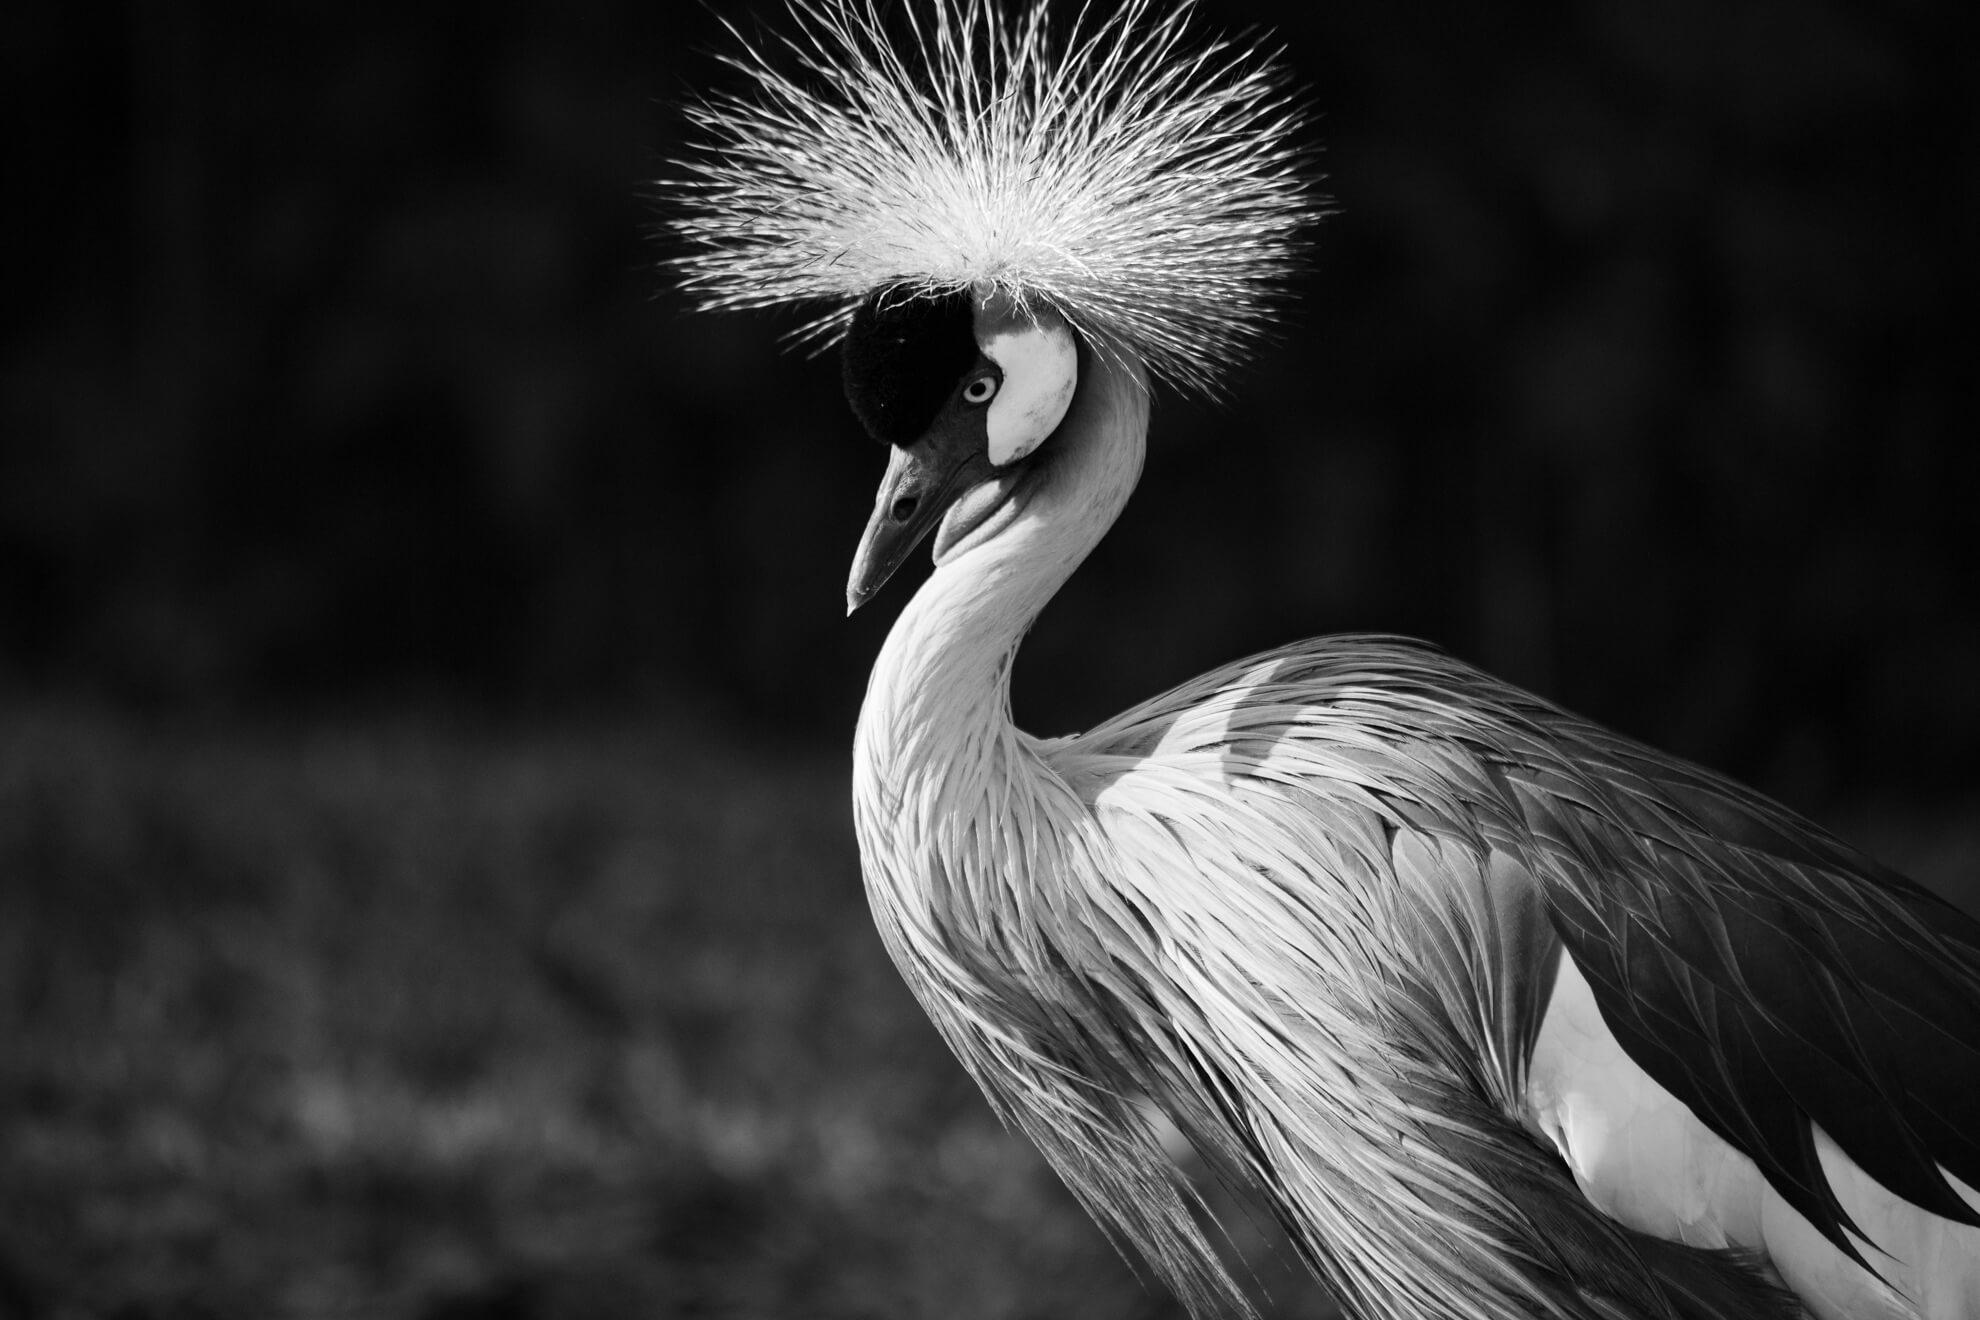 Parque das Aves, Foz do Iguaçu | grou coroado